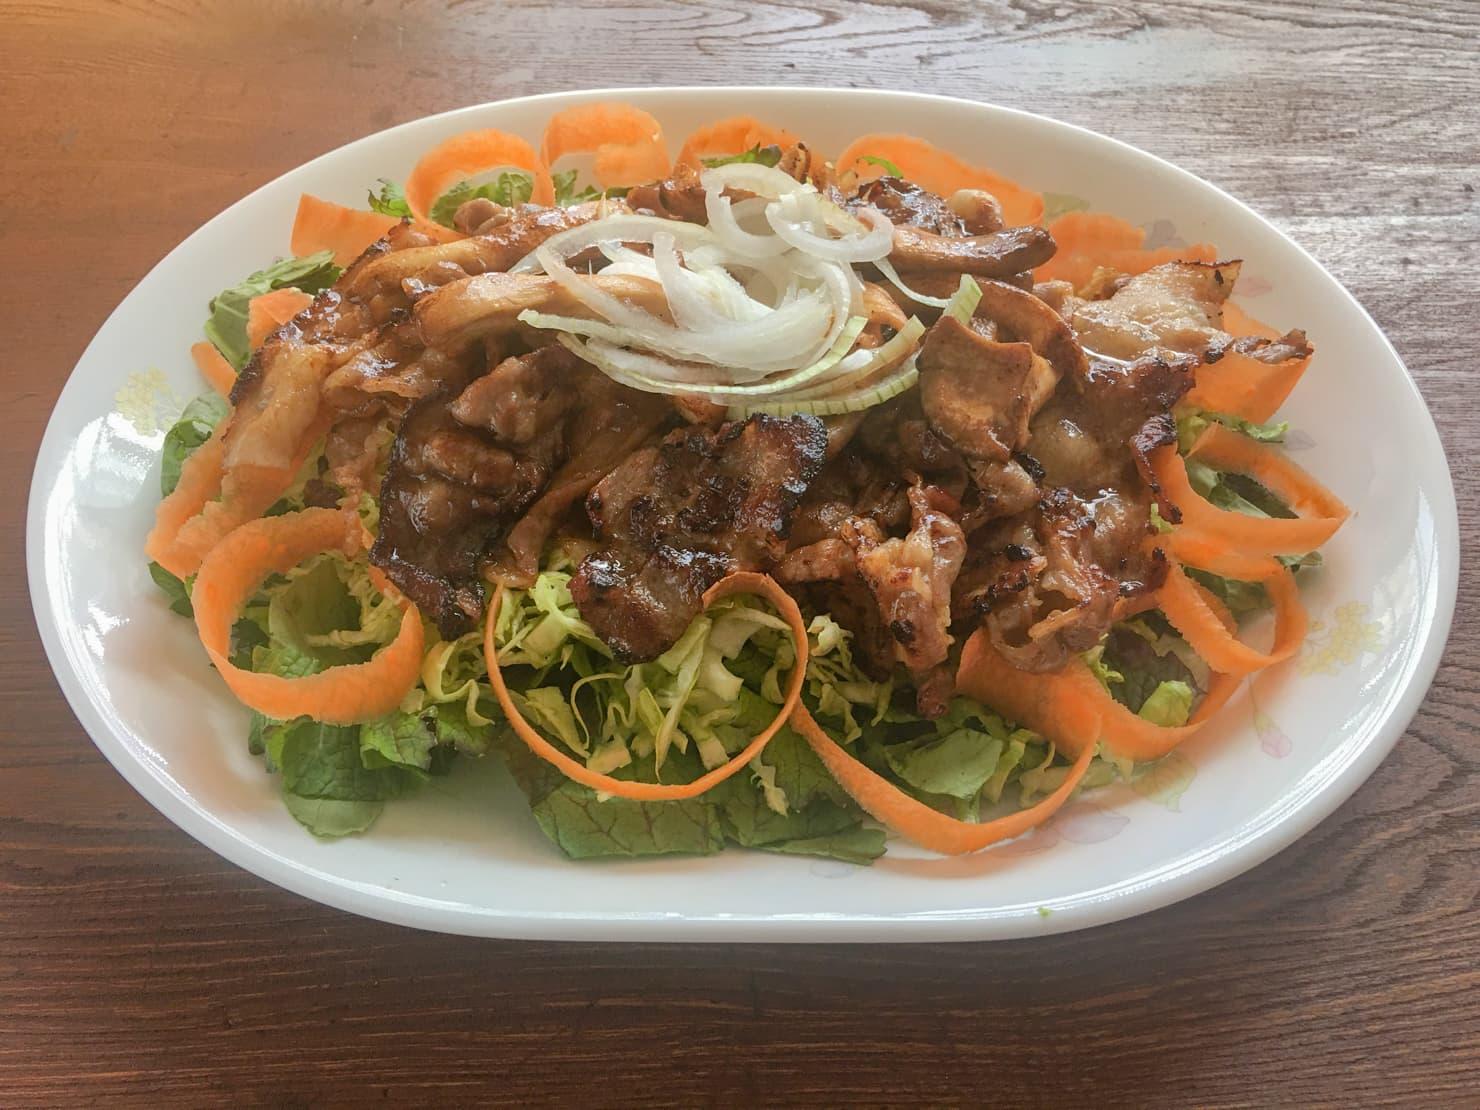 かパーマグリーンと豚バラの焼肉サラダの写真